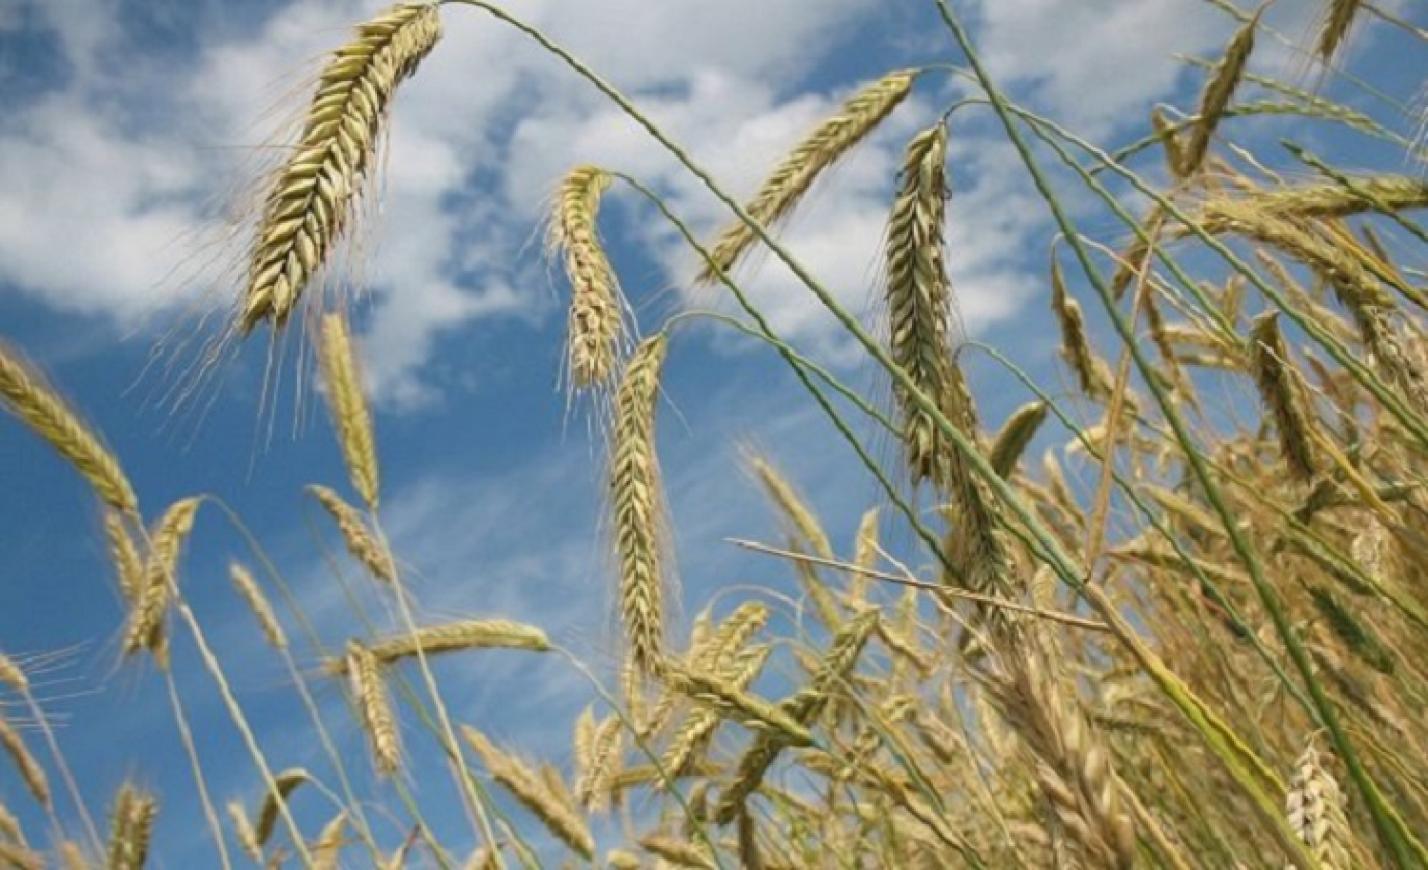 Agrárminisztérium: nyilatkozatot fogadott el tizenegy ország agrárminisztere